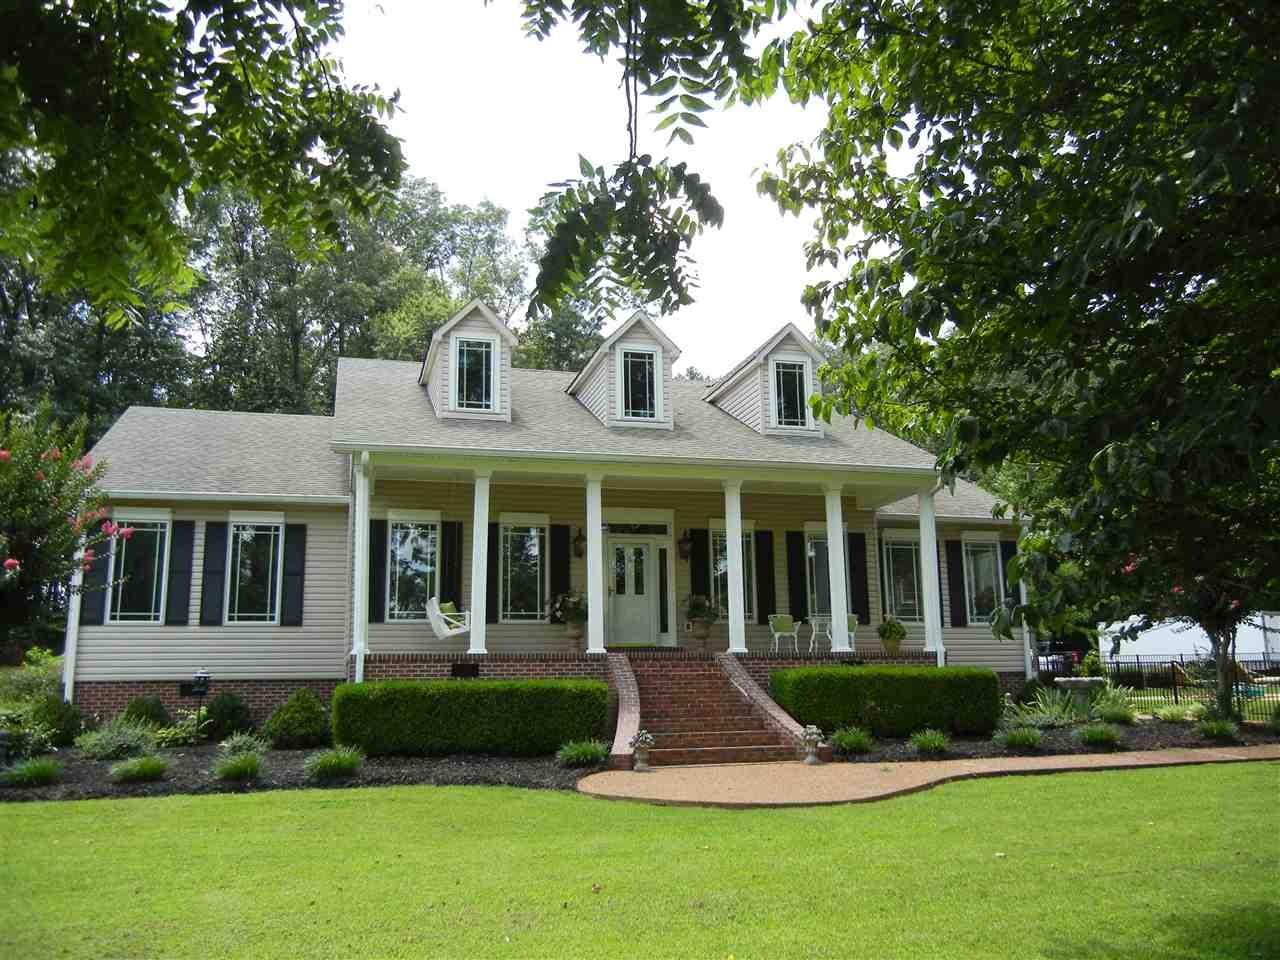 140 Autumn Ln. Savannah, TN 38372